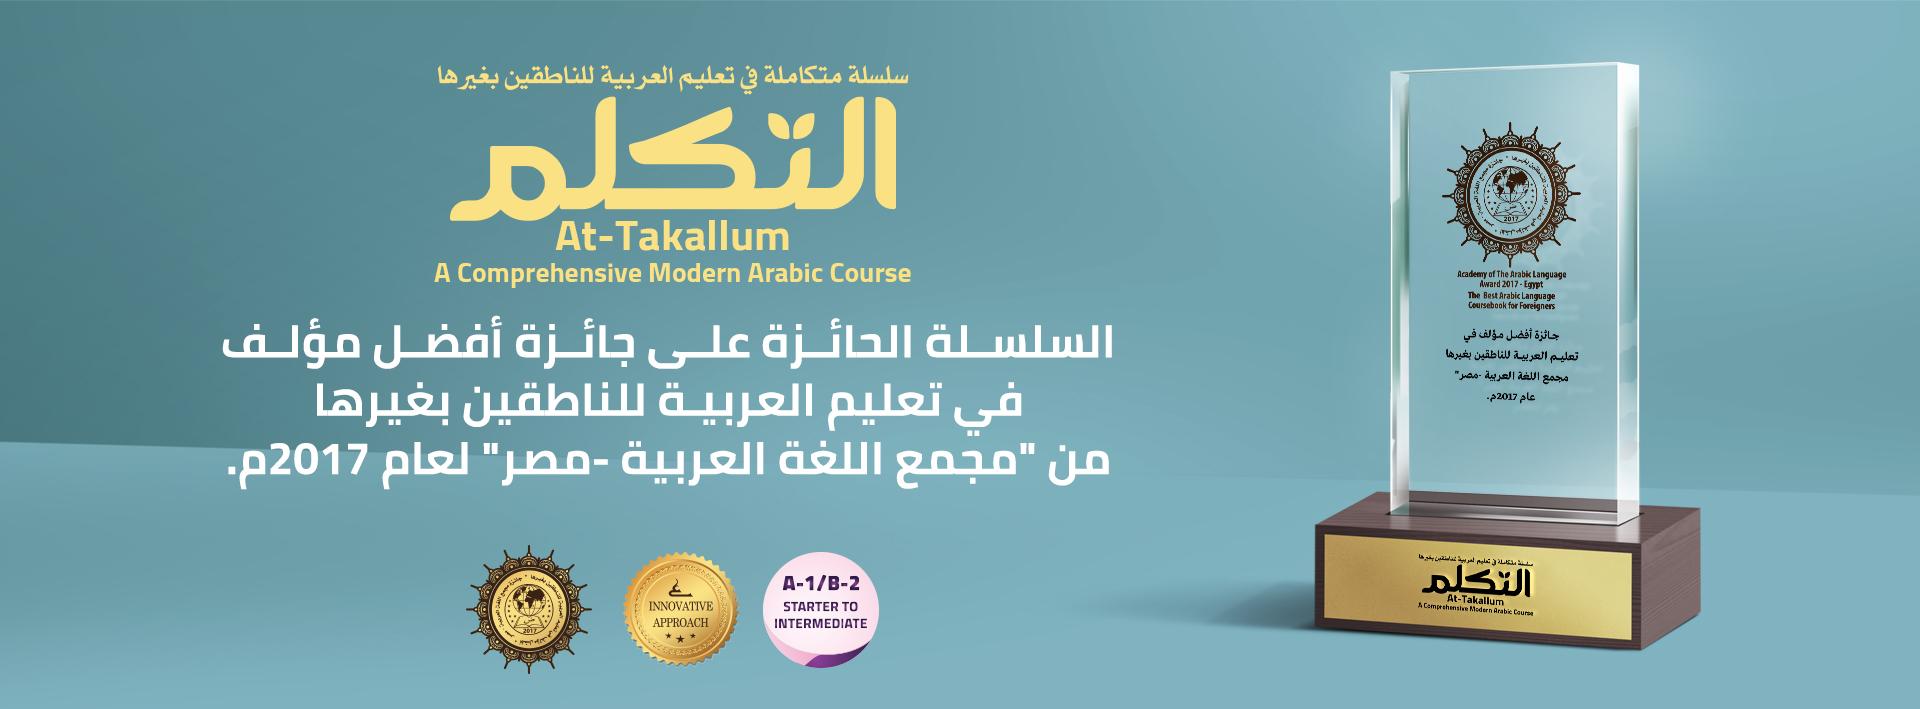 At-Takallum